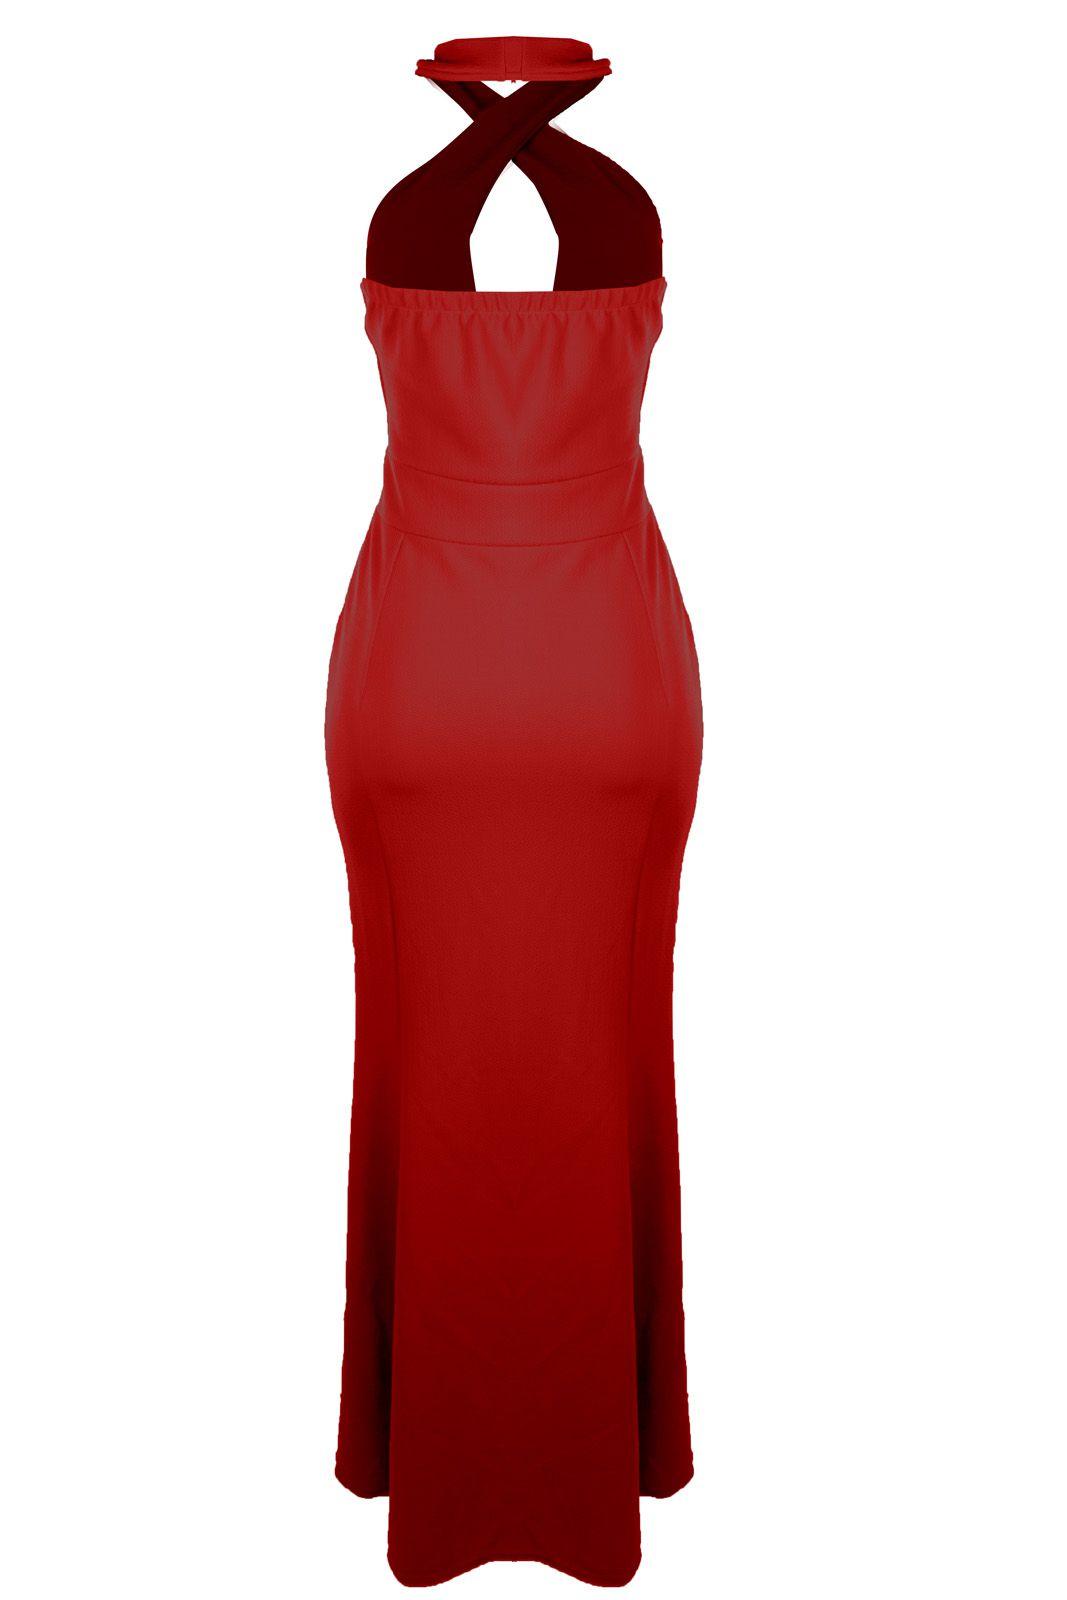 Vestido Outlet Dri Crepe Frente Única Longo Tubinho Decote Gota Fenda Vermelho